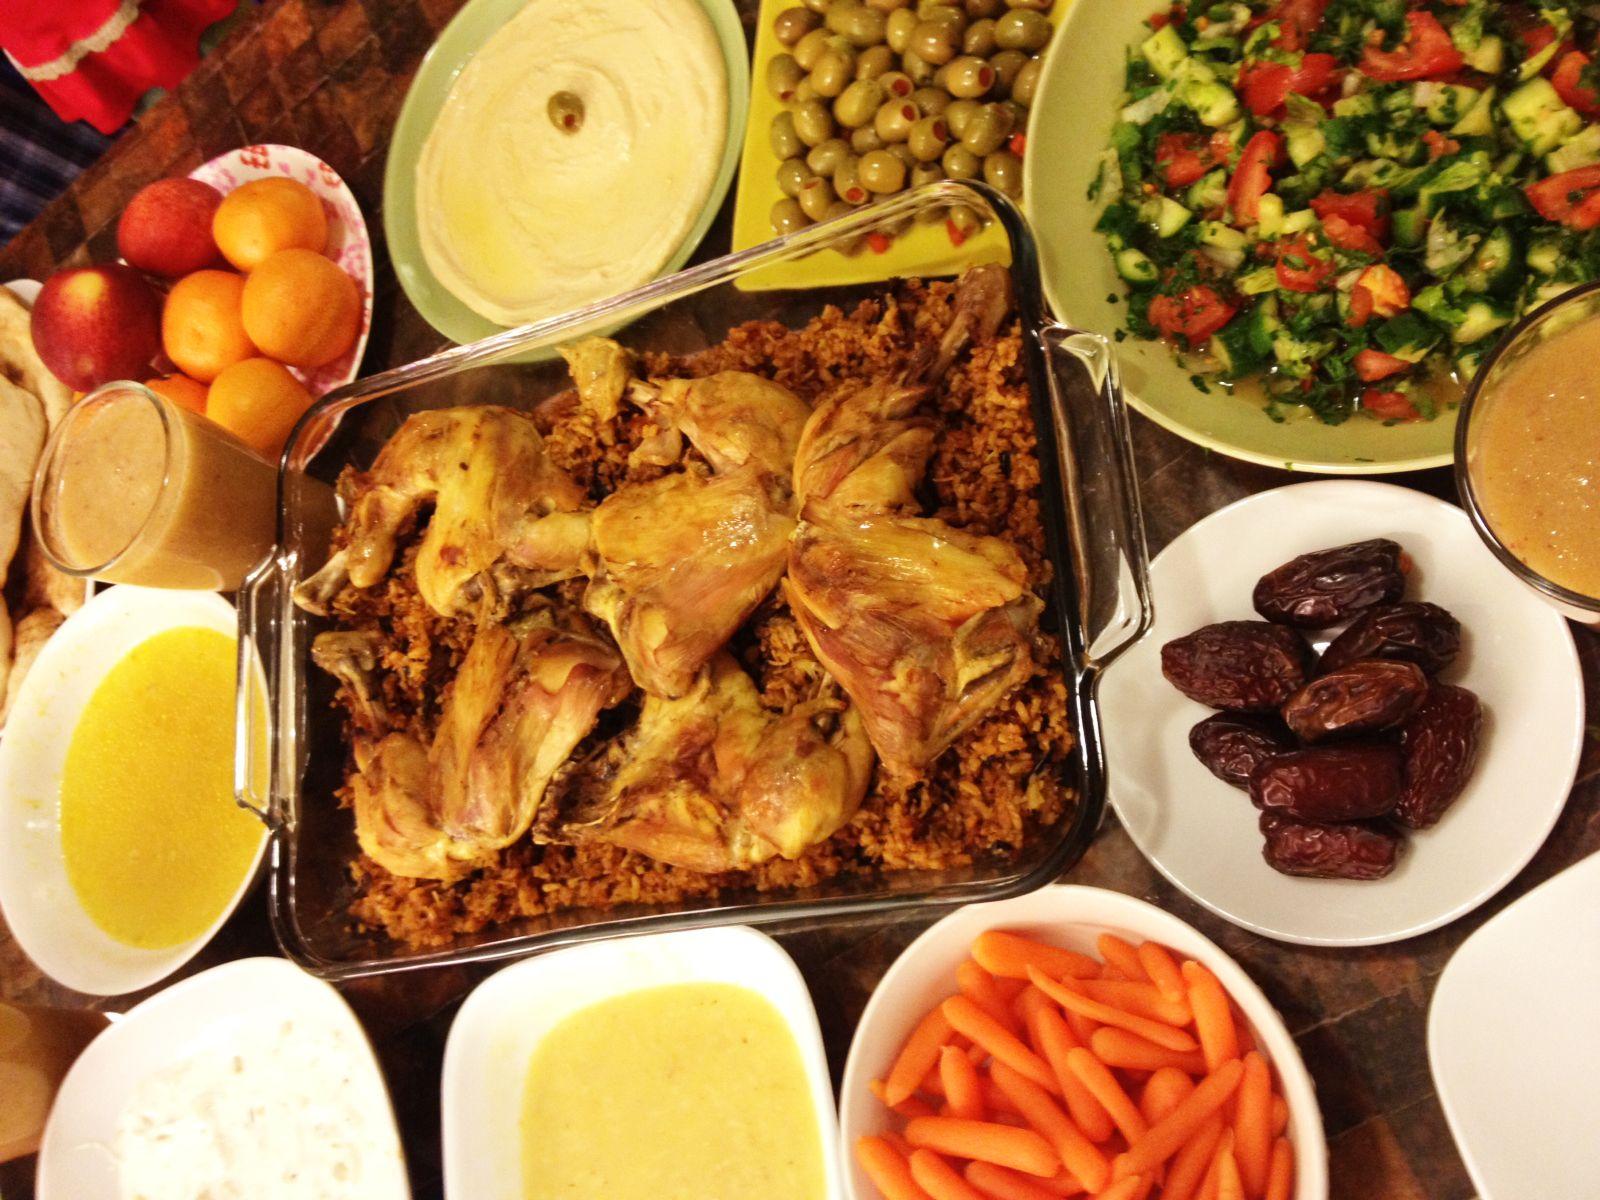 دجاج و تمن احمر و لبن و زلاطة و شوربة و عصير كوكتيل و حمص و جزر و تمر و فواكه Dinner Food Beef